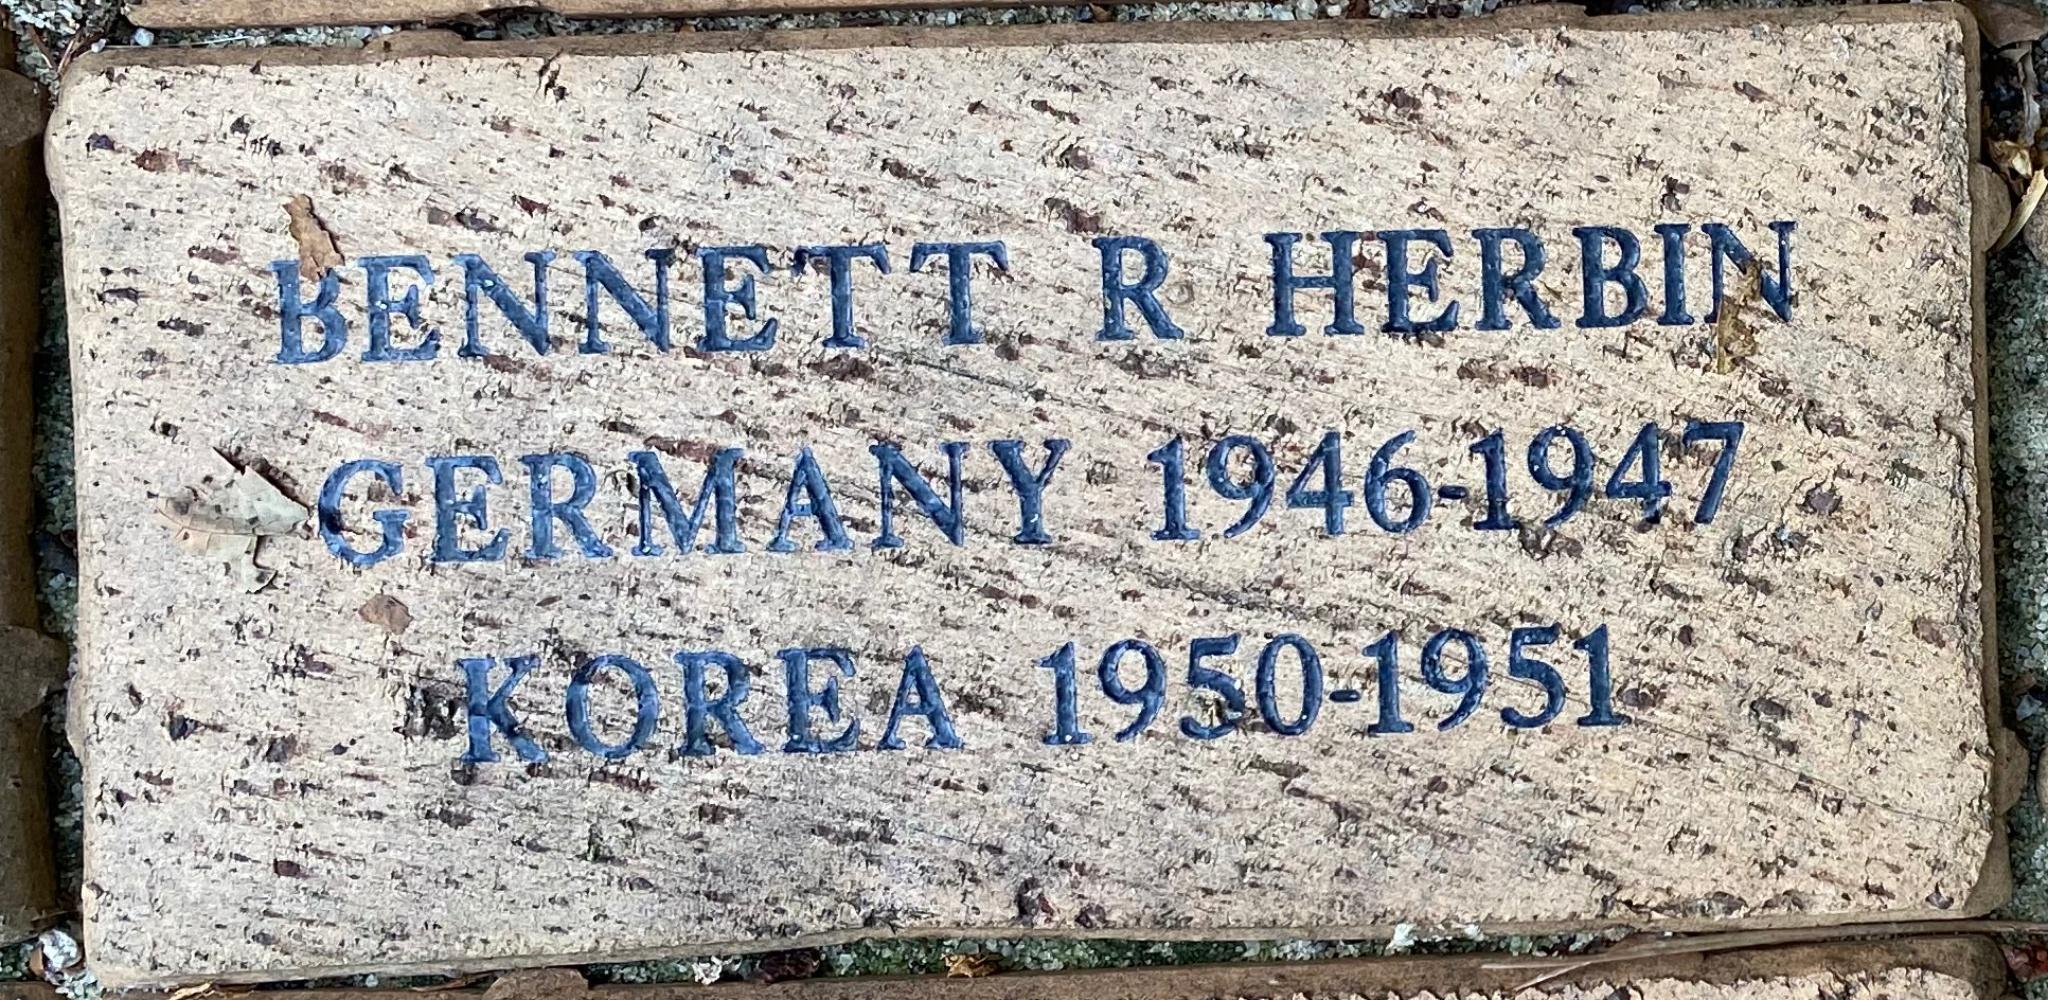 BENNETT R. HERBIN GERMANY 1946-1947 KOREA 1950-1951